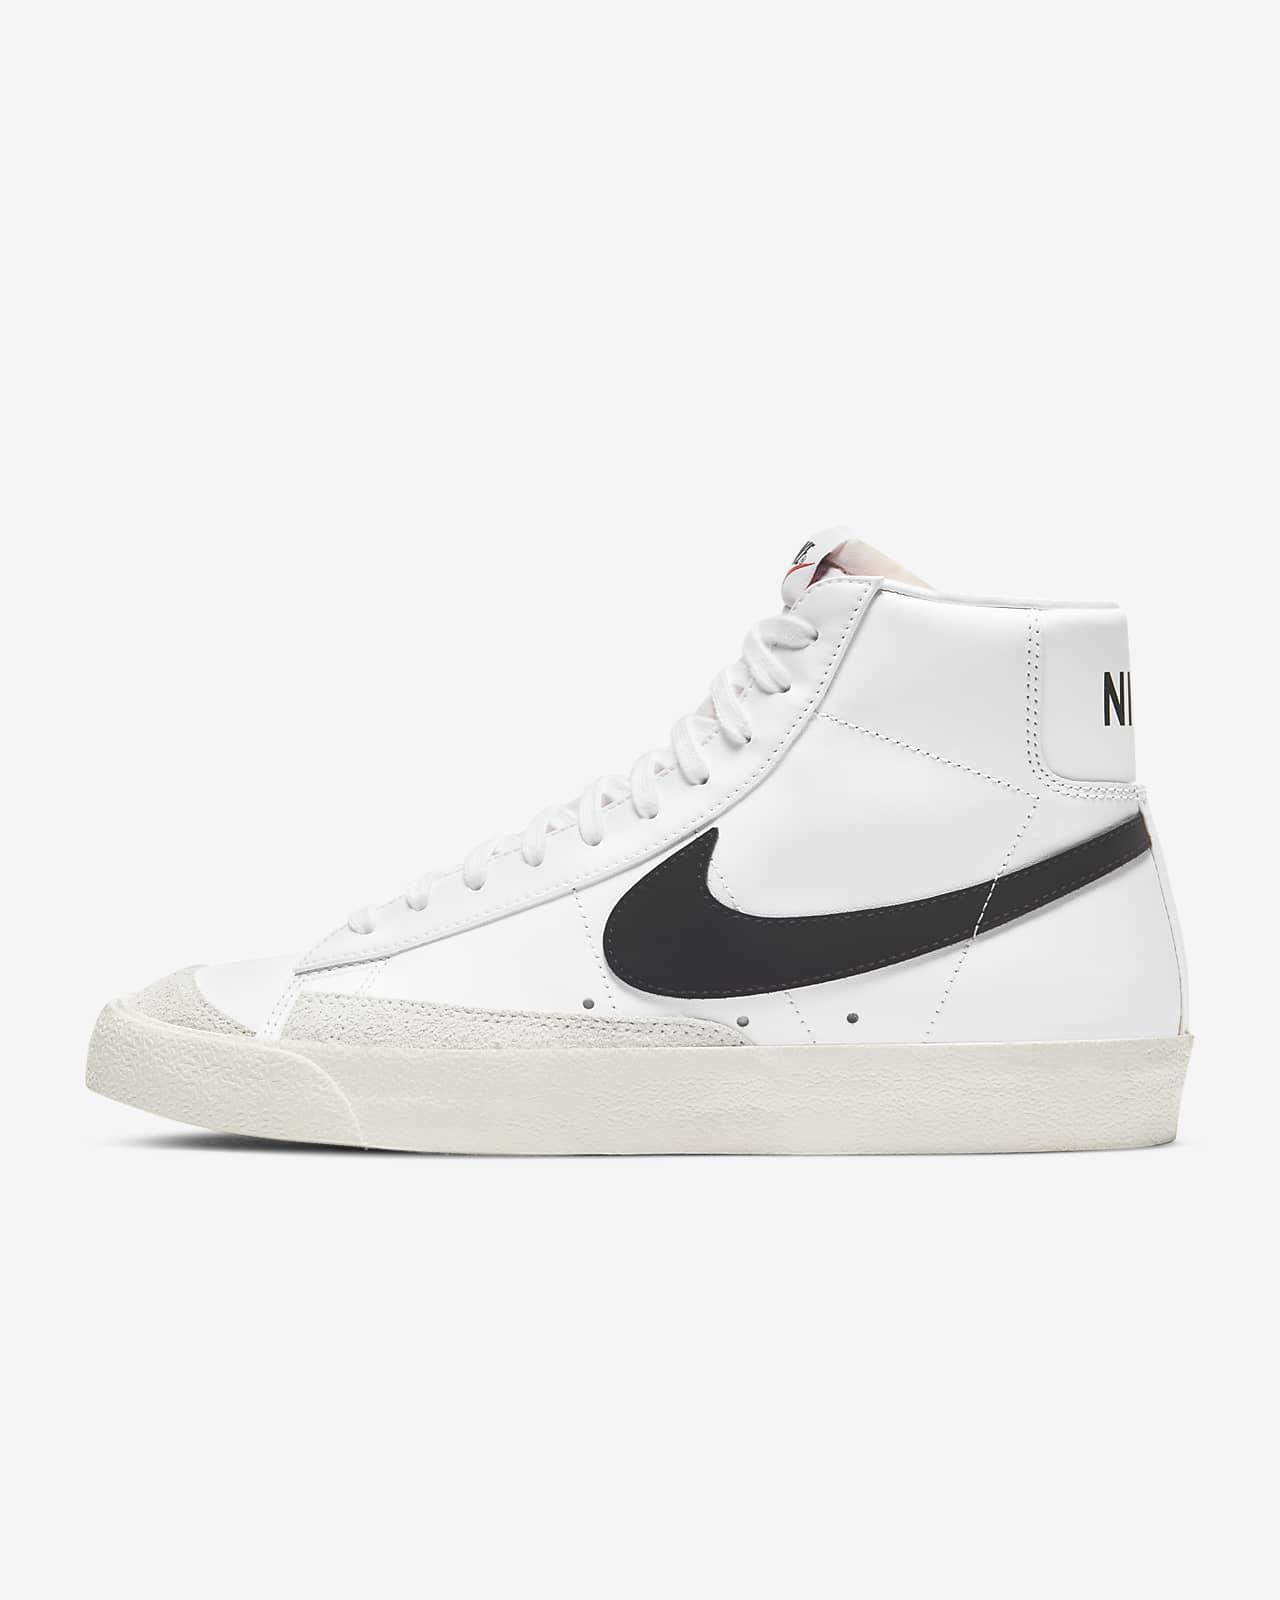 Nike Blazer Mid '77 Vintage Erkek Ayakkabısı